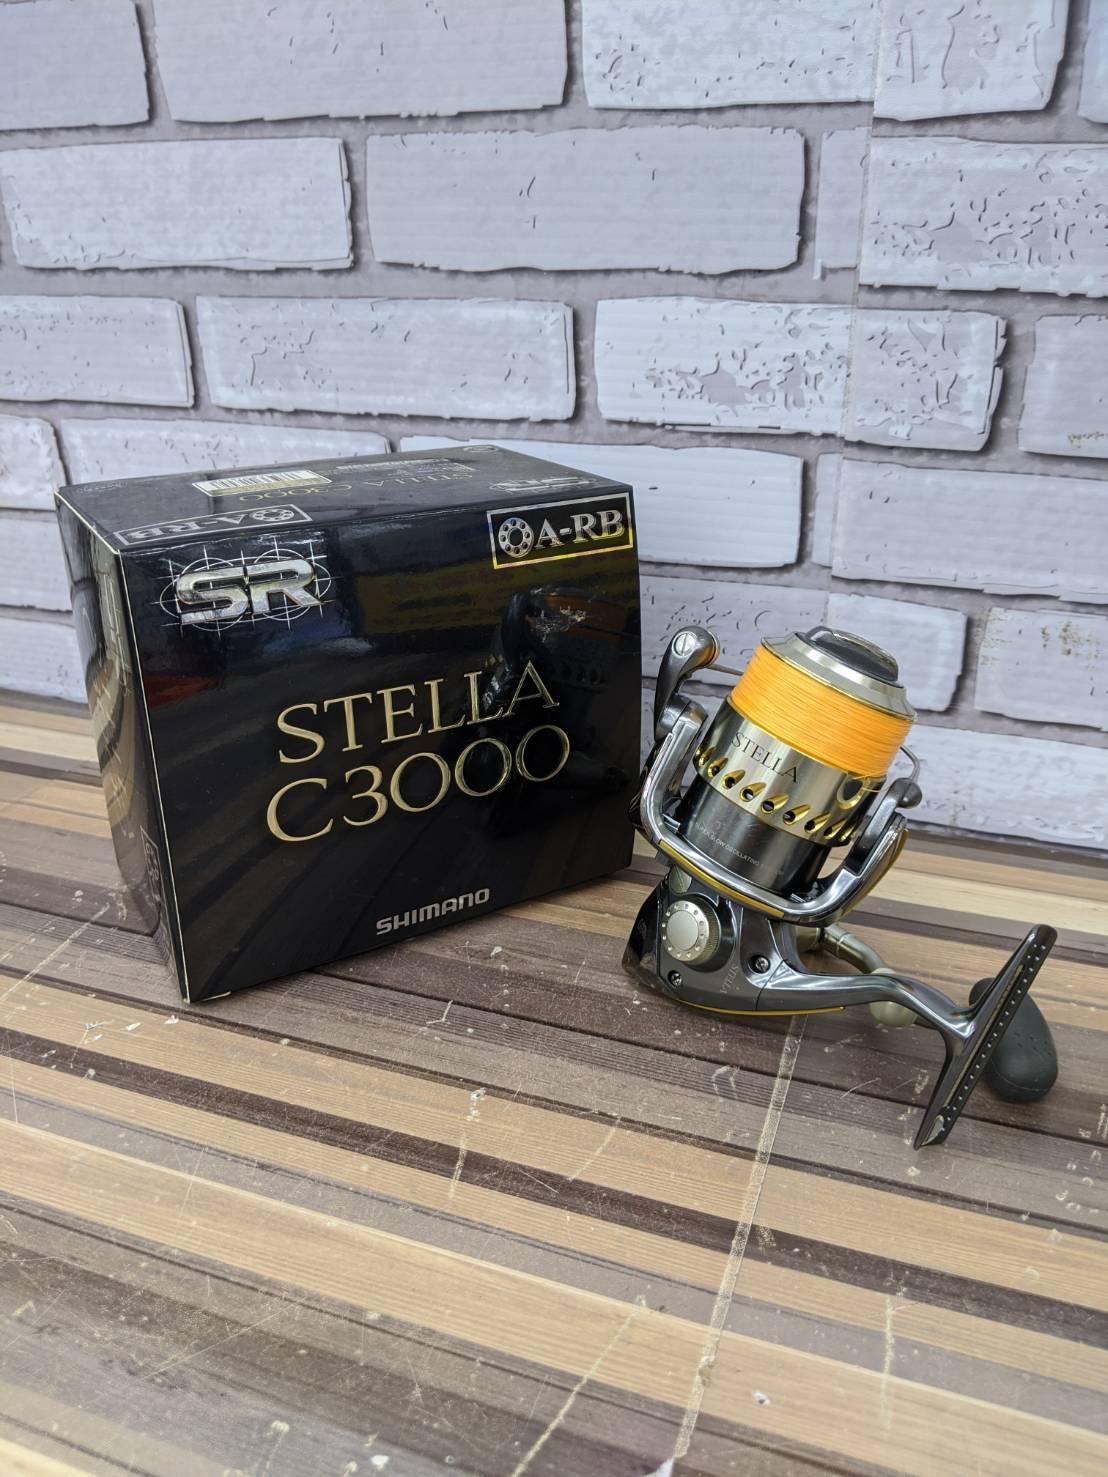 【SHIMANO シマノ STELLA C3000 スピニングリール】を買取致しました。の買取-